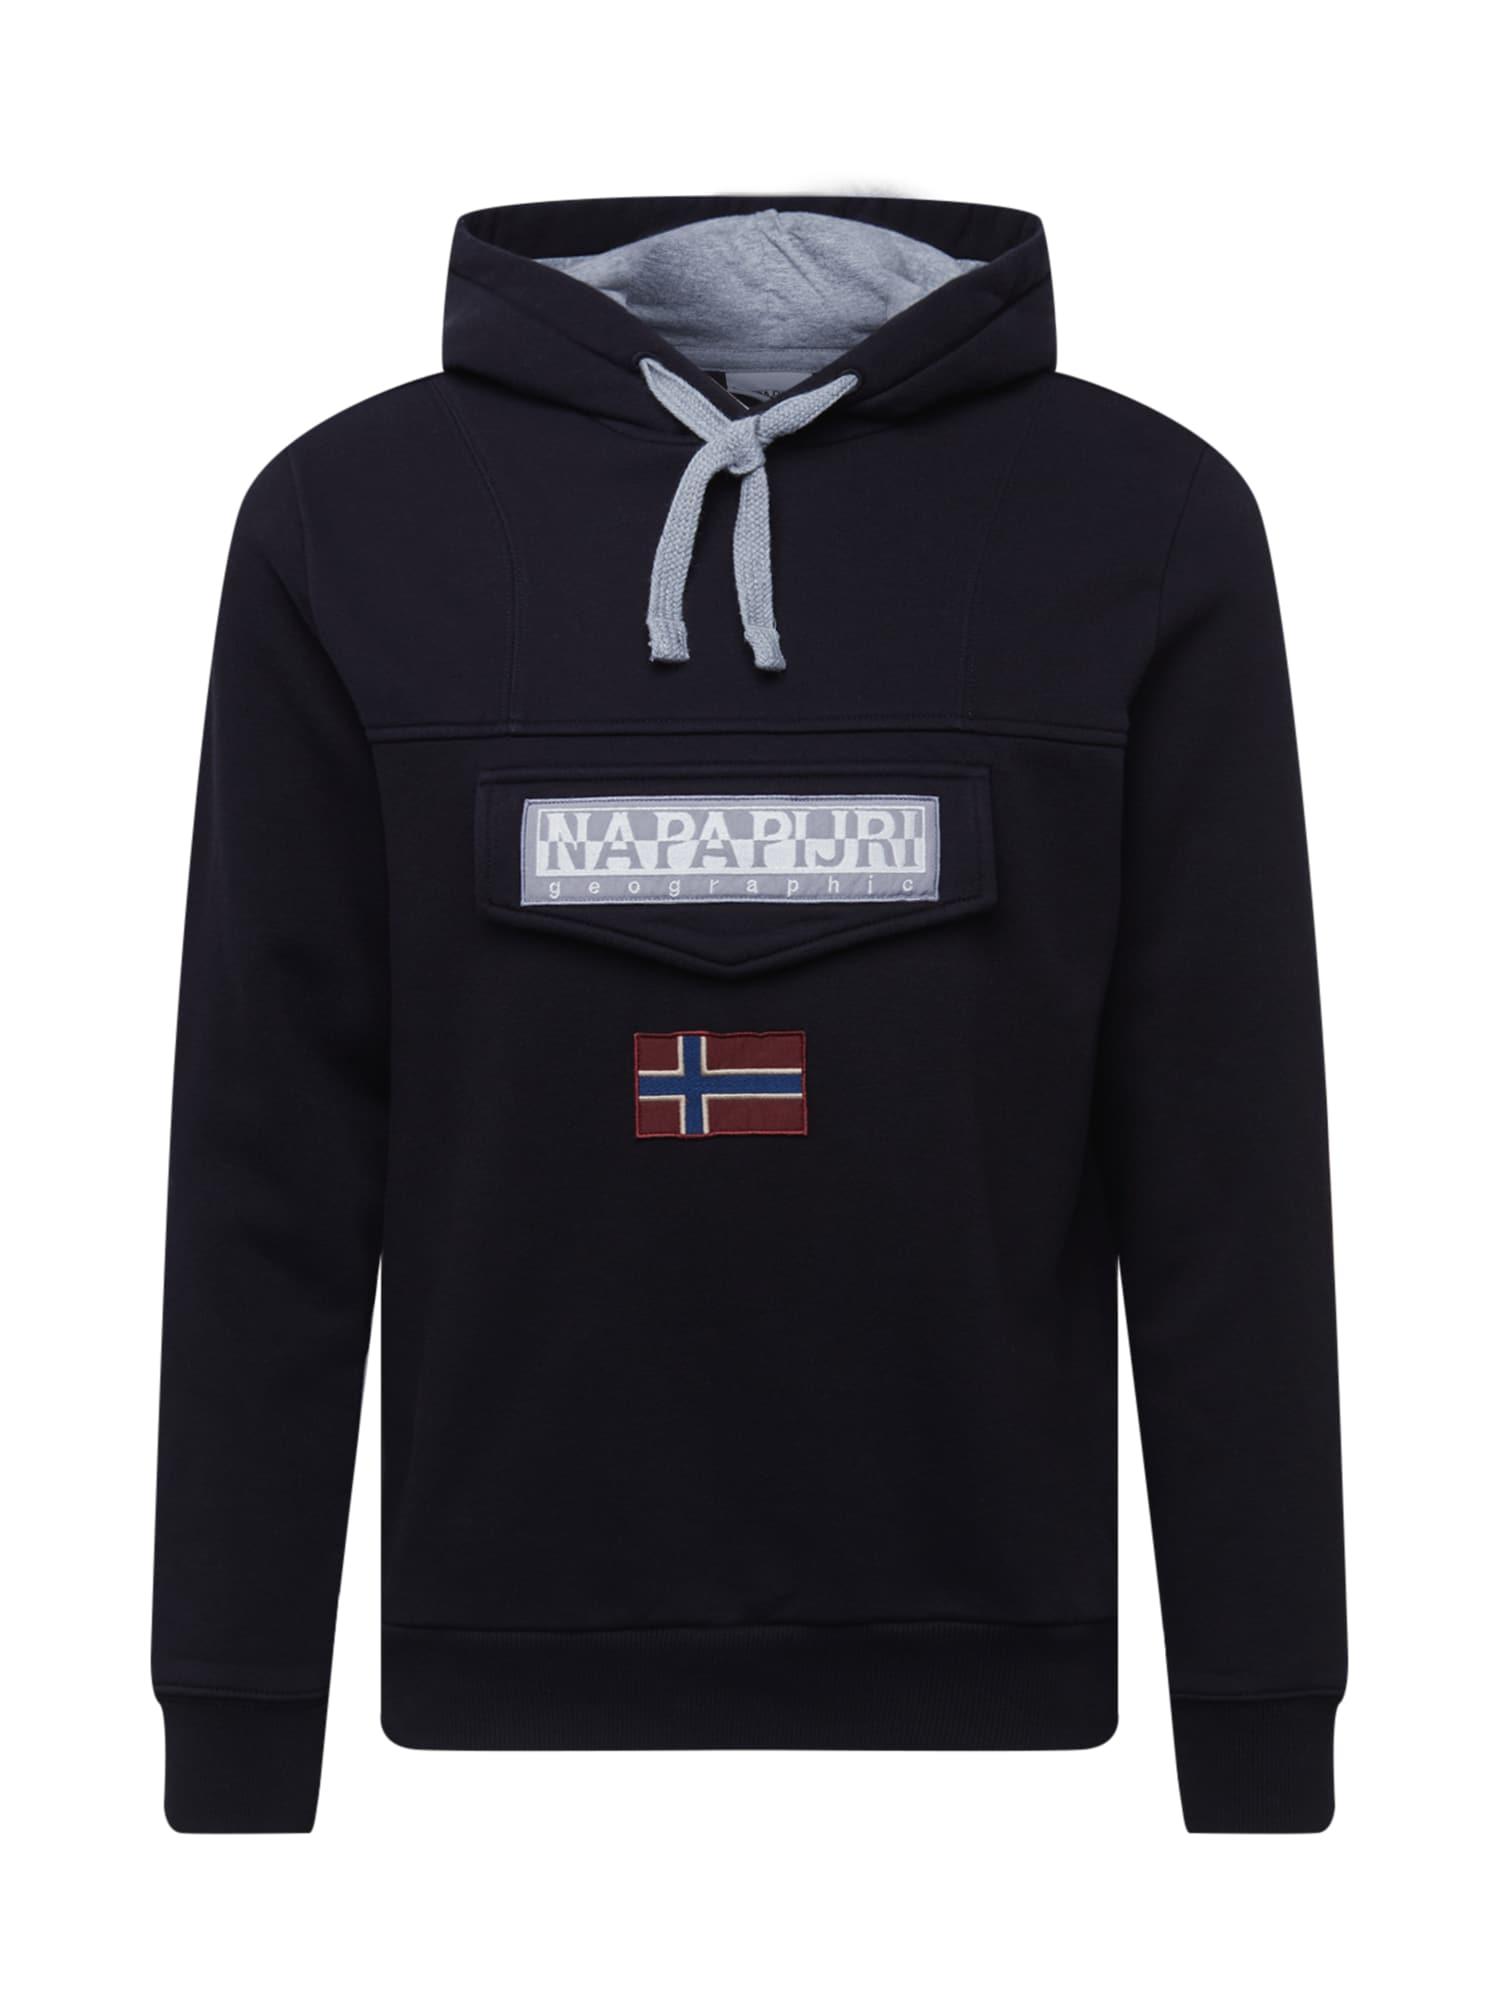 NAPAPIJRI Sweat-shirt 'Burgee'  - Noir - Taille: M - male